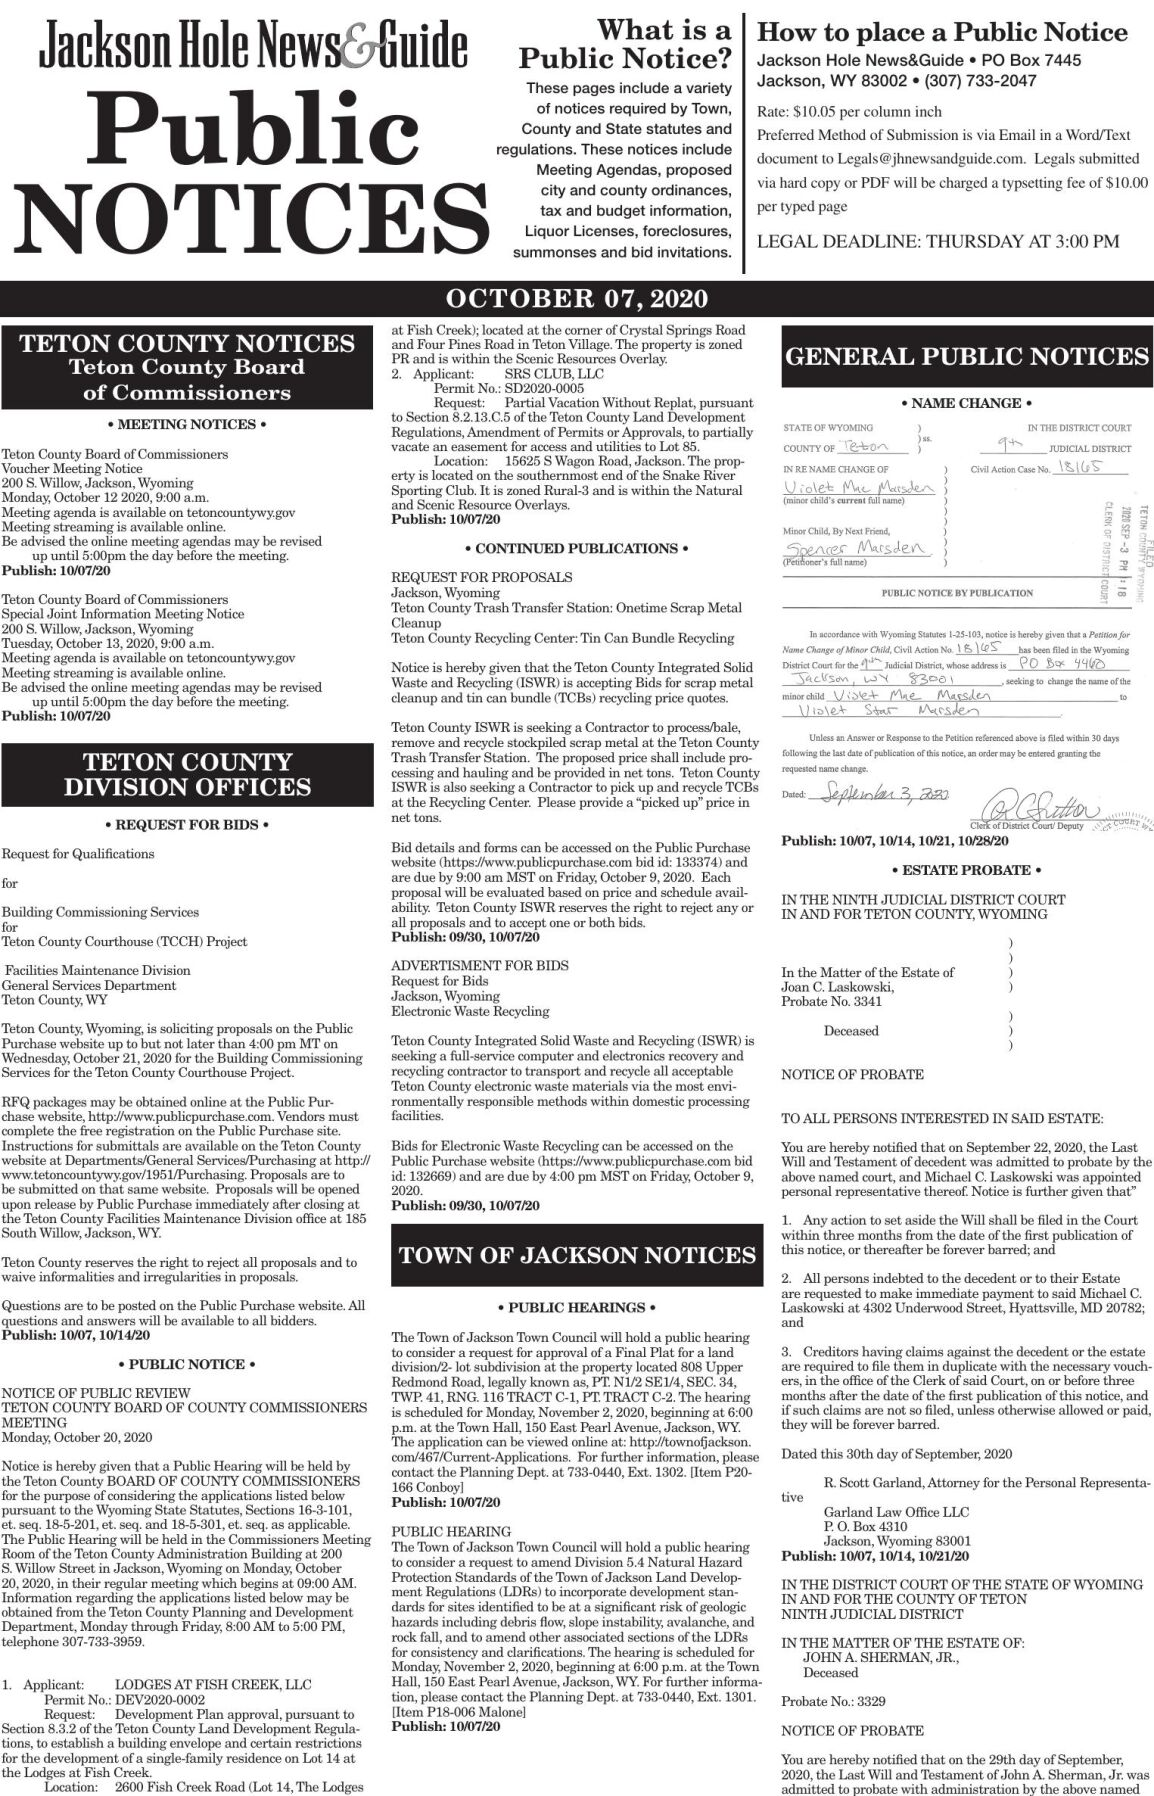 Public Notices, Oct. 07, 2020